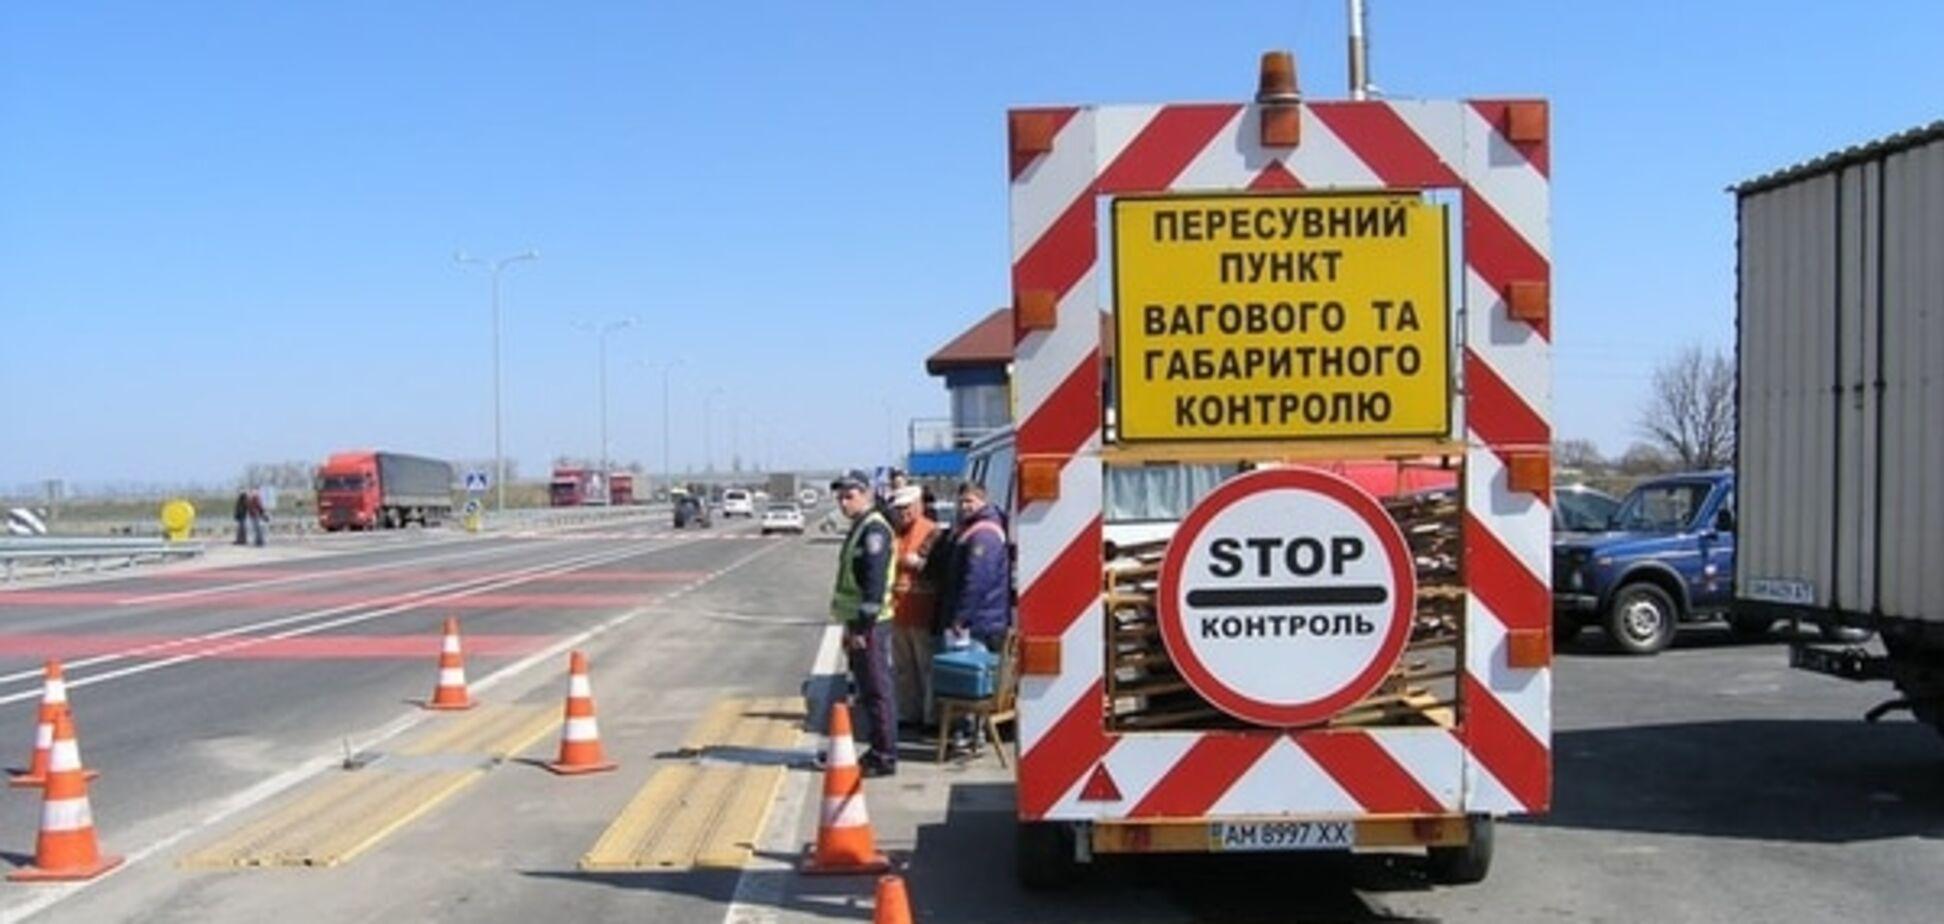 Министерство инфраструктуры набирает свою 'полицию' для контроля  на транспорте – Пивоварский